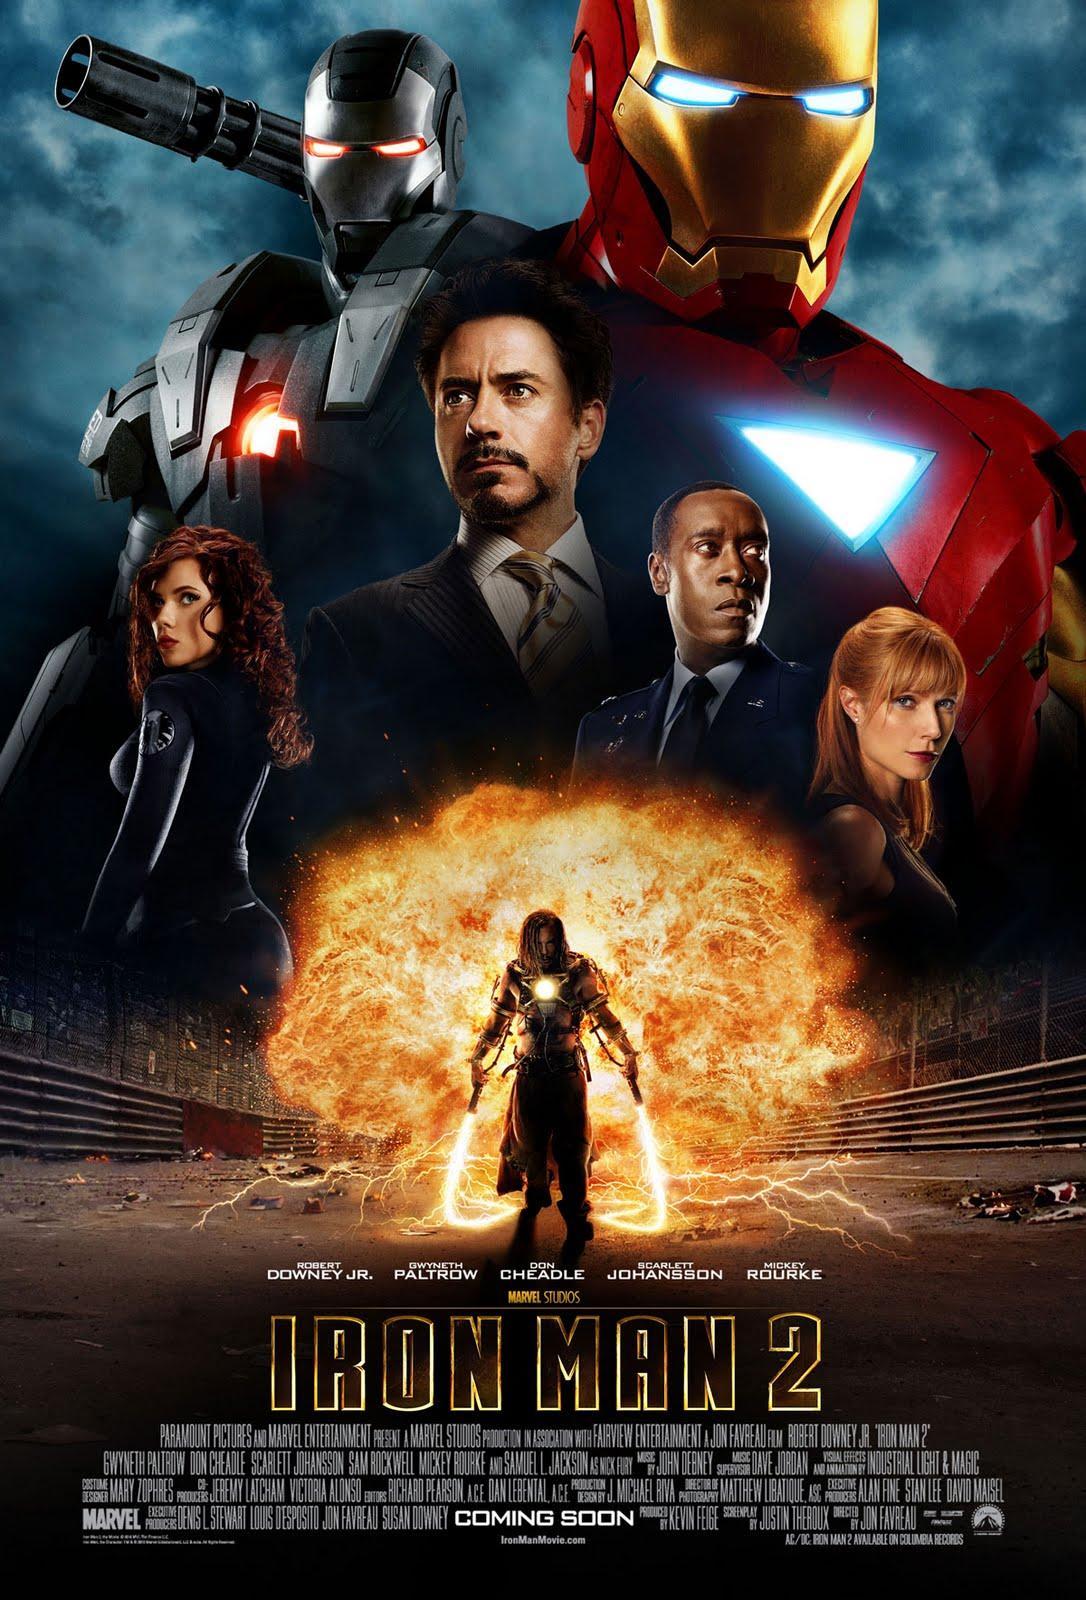 http://3.bp.blogspot.com/_vLap_AlIOtU/TINQjXso2rI/AAAAAAAACA0/J37_gBac8r8/s1600/Iron_man_Theatrical_Poster.jpg